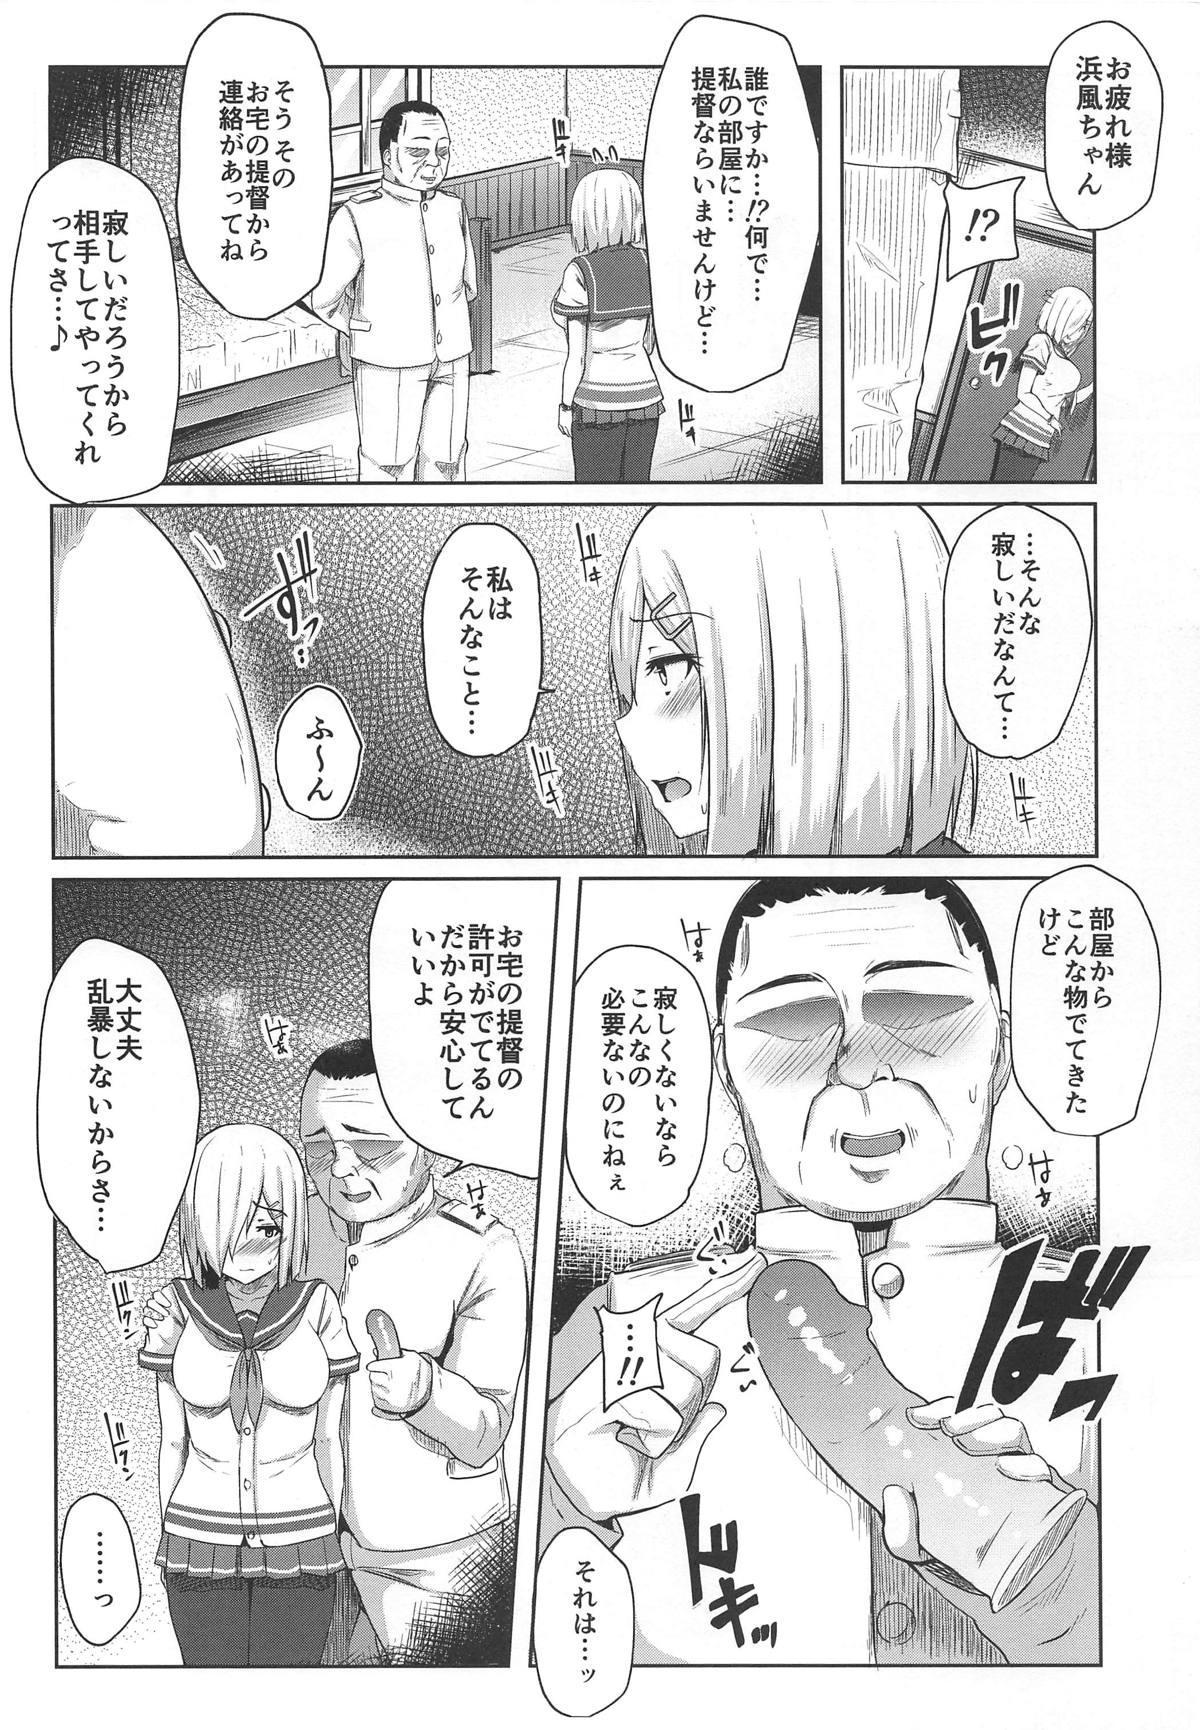 Hamakaze Kairaku ni Otsu 4